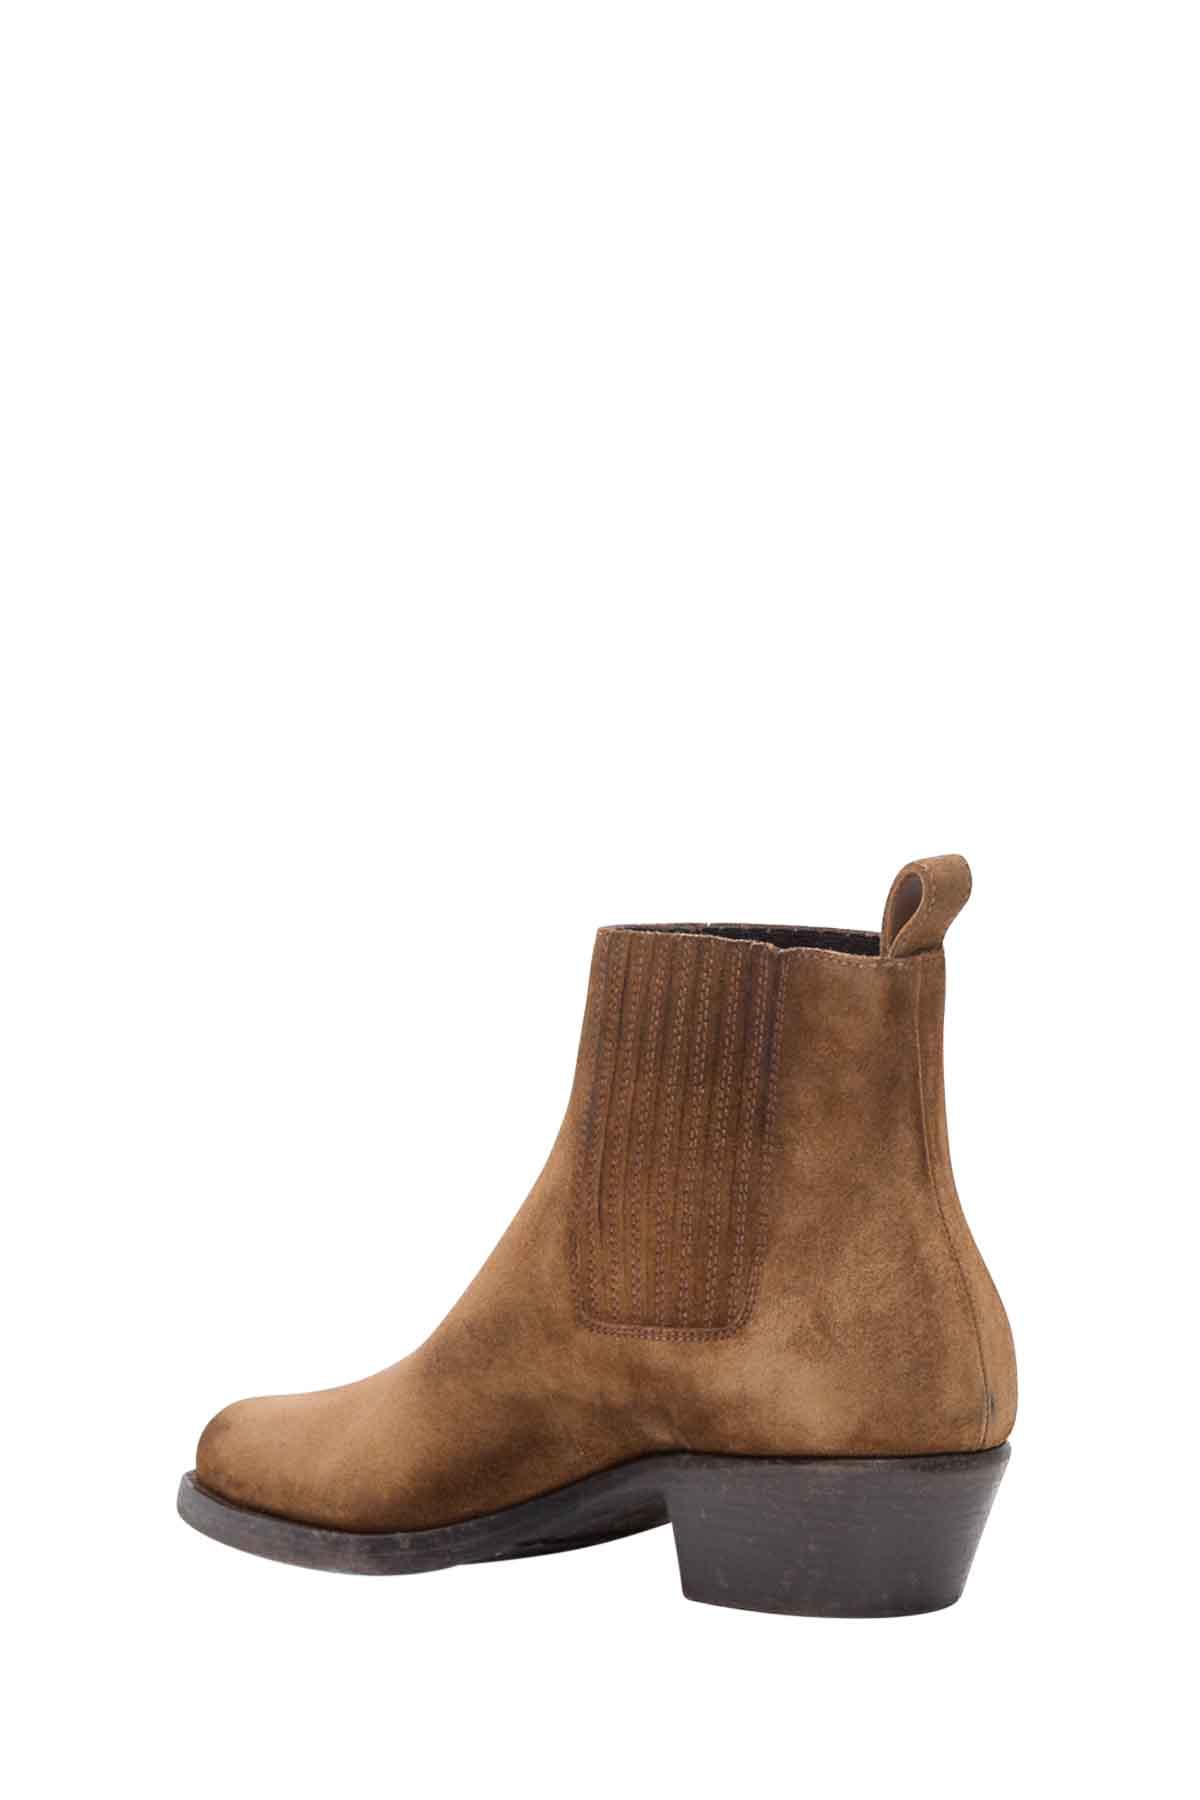 f36a49b4a50 Saint Laurent Dakota Chelsea Boots